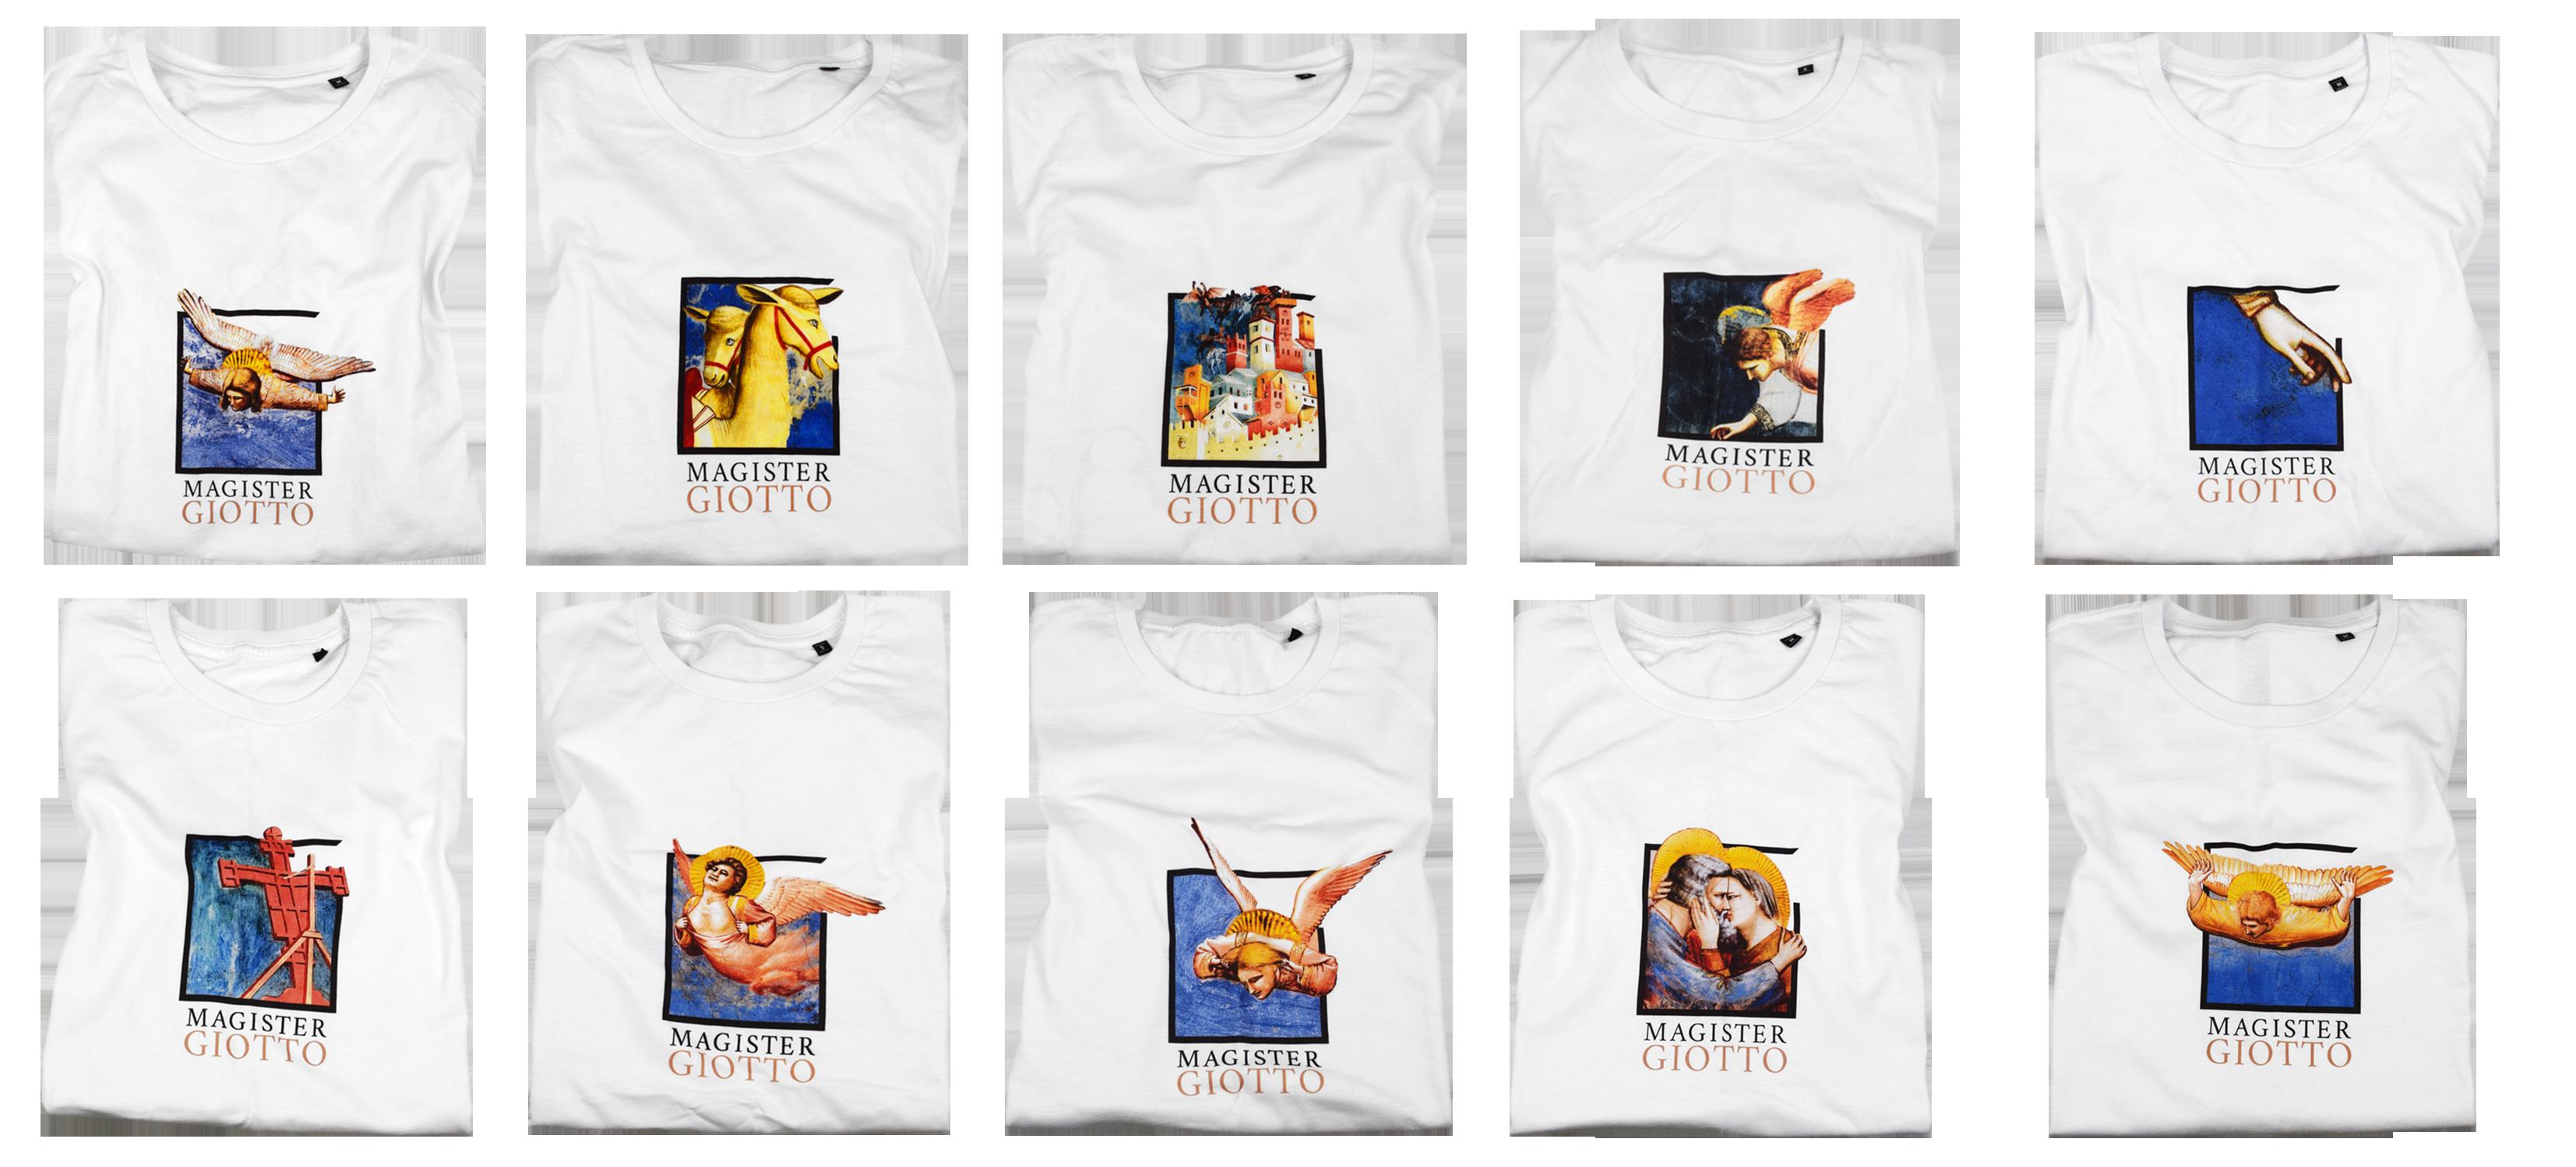 T-shirt personalizzate per Magister Giotto